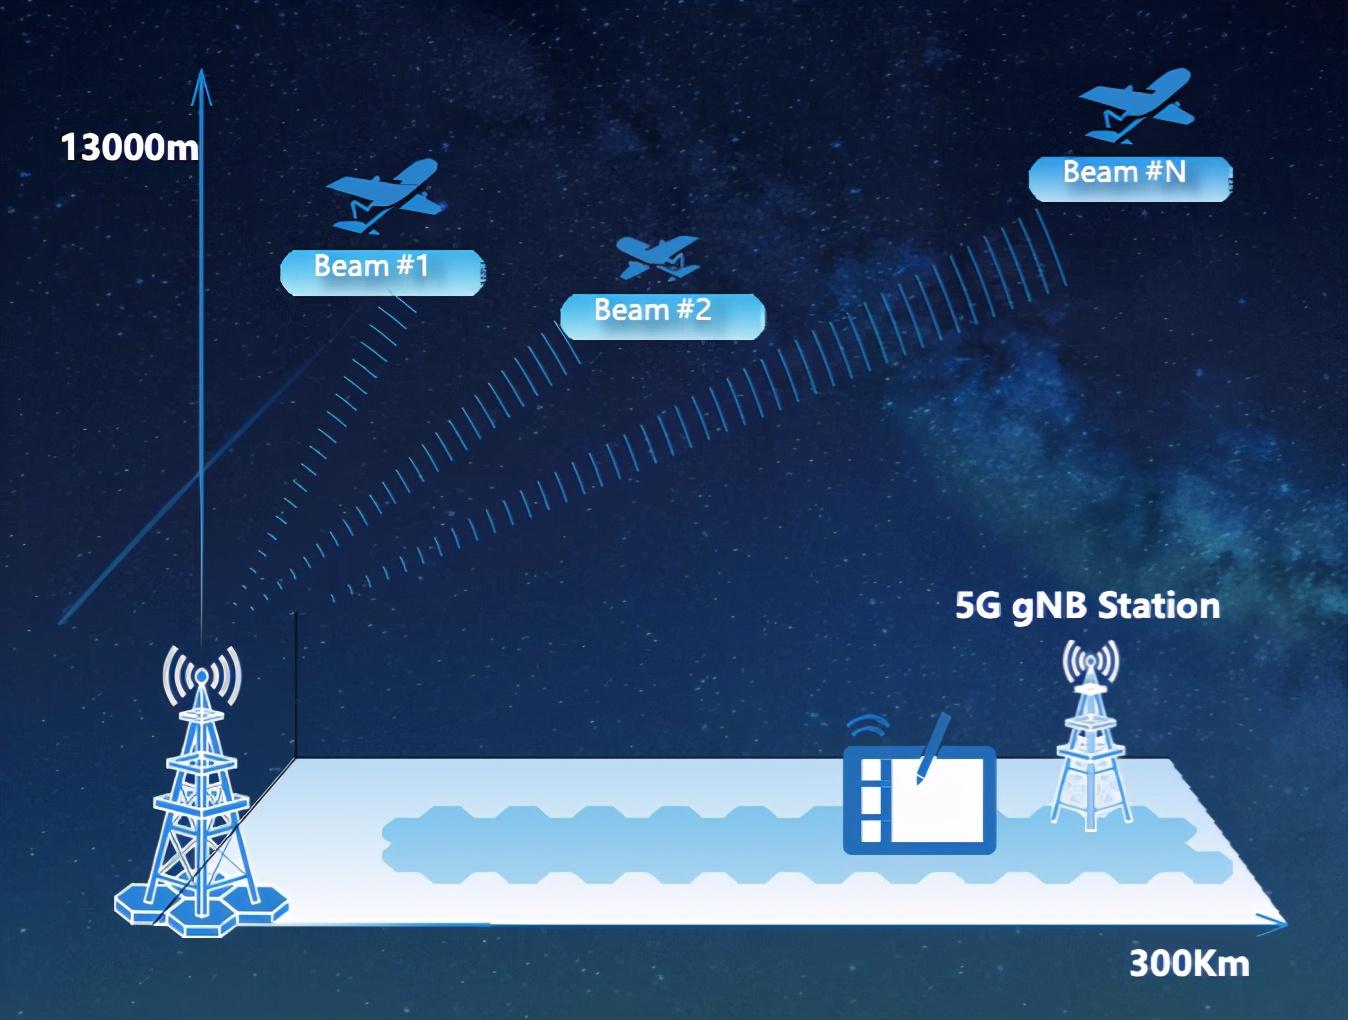 张艺谋镜头里的科技力量:为世界注入5G之心